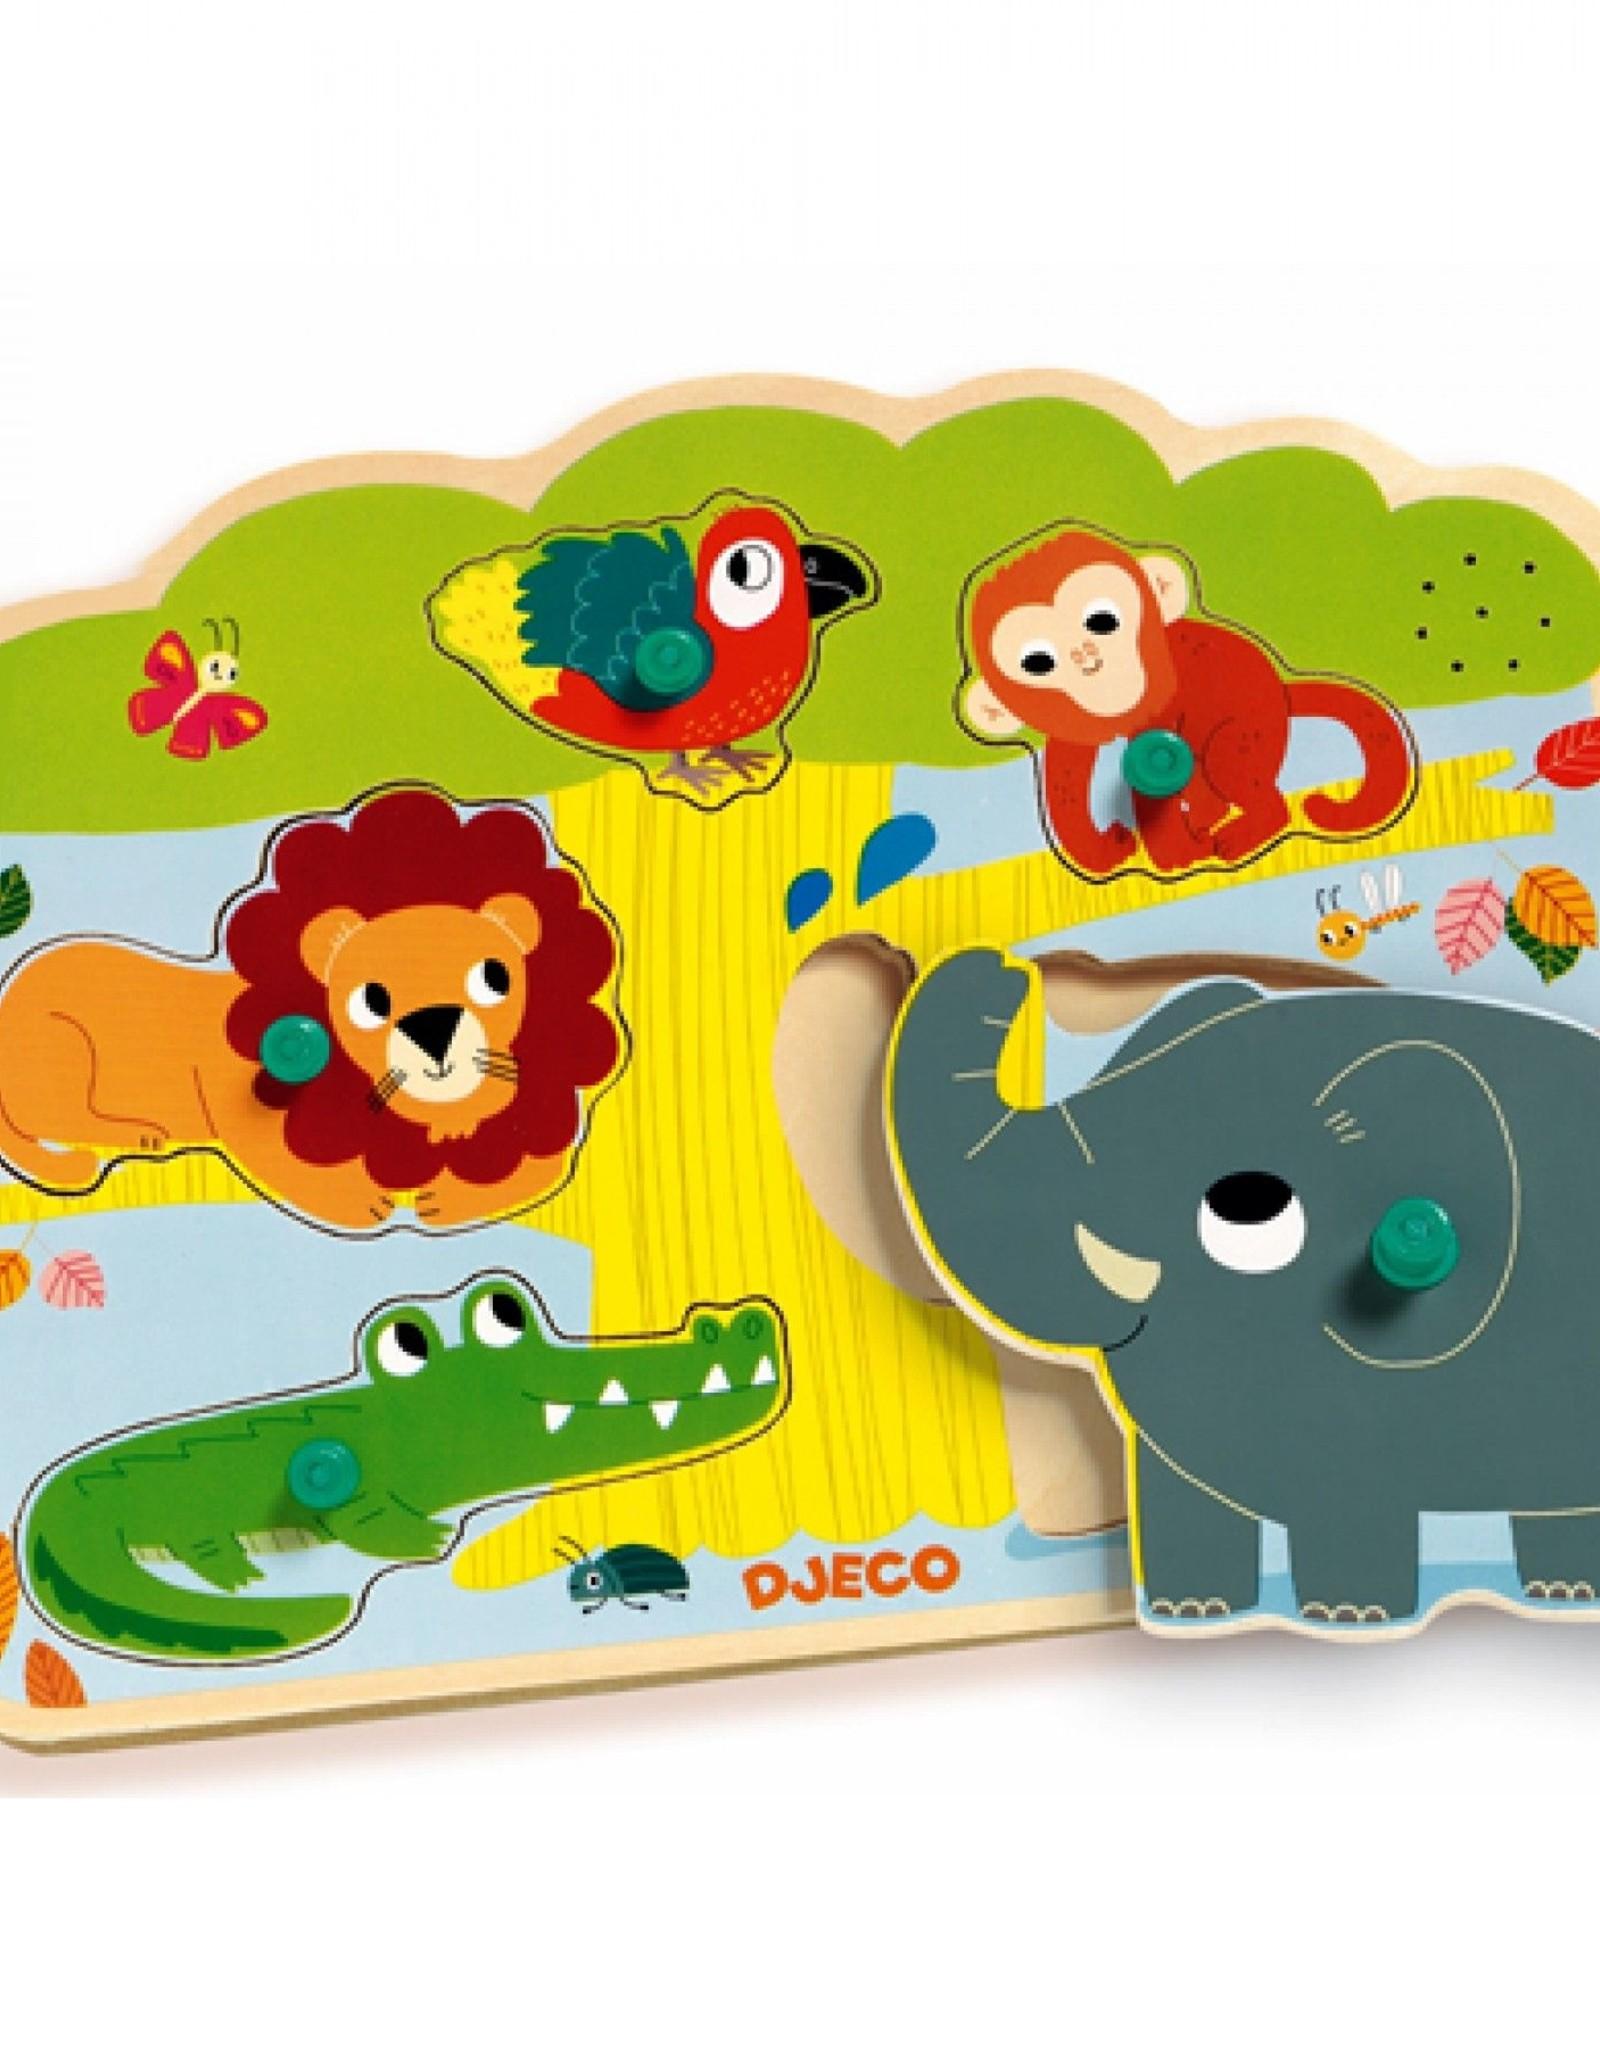 Djeco Geluid Puzzel Jungle